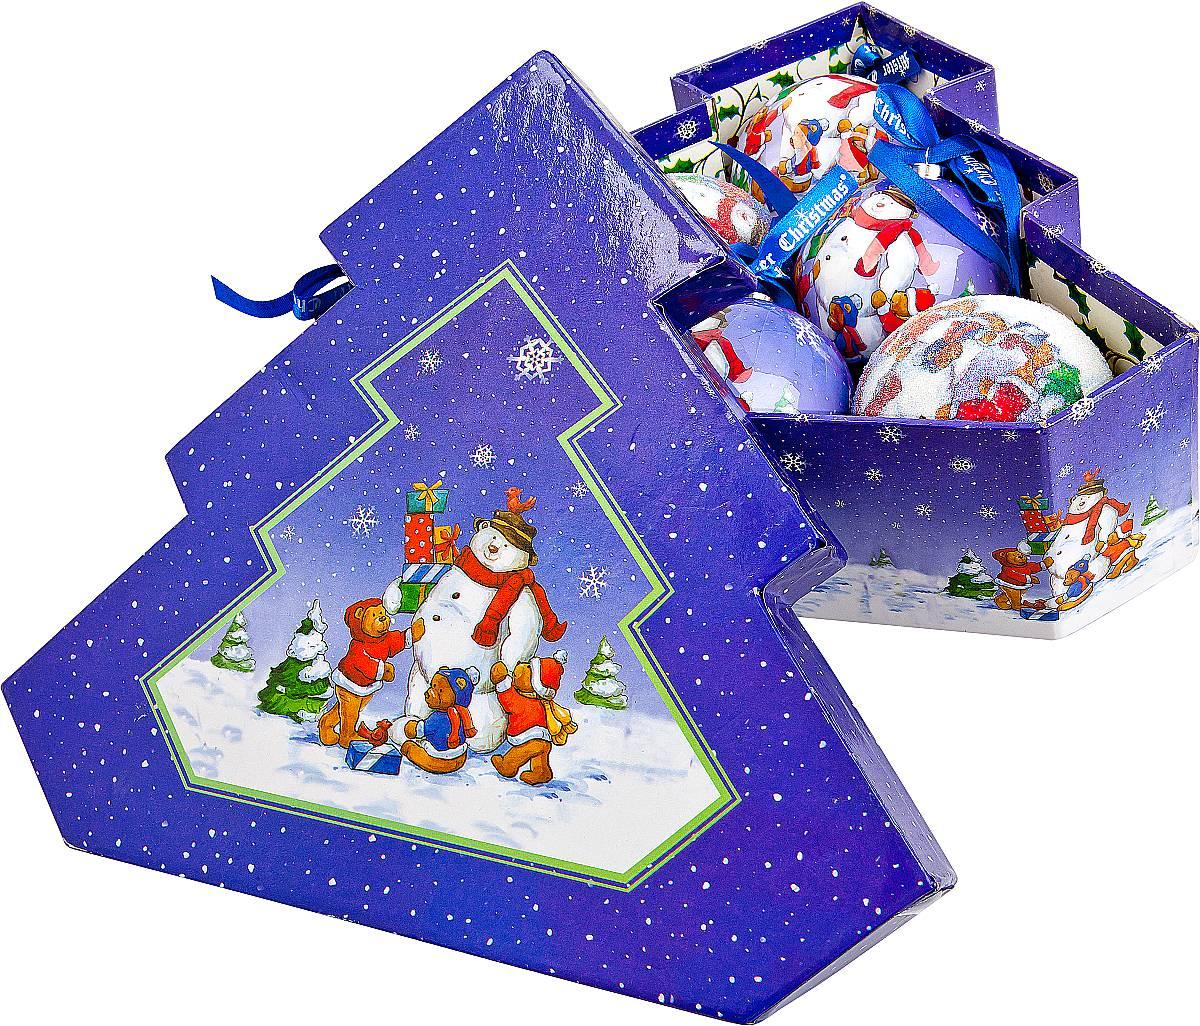 Набор новогодних подвесных украшений Mister Christmas Папье-маше, диаметр 7,5 см, 6 шт. PM-14-6TPM-14-6TНабор из 6 подвесных украшений Mister Christmas Папье-маше прекрасно подойдет для праздничного декора новогодней ели. Изделия, выполненные из бумаги и покрытые несколькими слоями лака, очень прочные и легкие. Такие шары создадут единый стиль в оформлении не только ели, но и интерьера вашего дома. В наборе игрушки имеют глянцевую поверхность и покрытые мелкой пластиковой крошкой.Все изделия оснащены атласной ленточкой с логотипом бренда Mister Christmas для подвешивания. Такие украшения станут превосходным подарком к Новому году, а так же дополнят коллекцию оригинальных новогодних елочных игрушек.